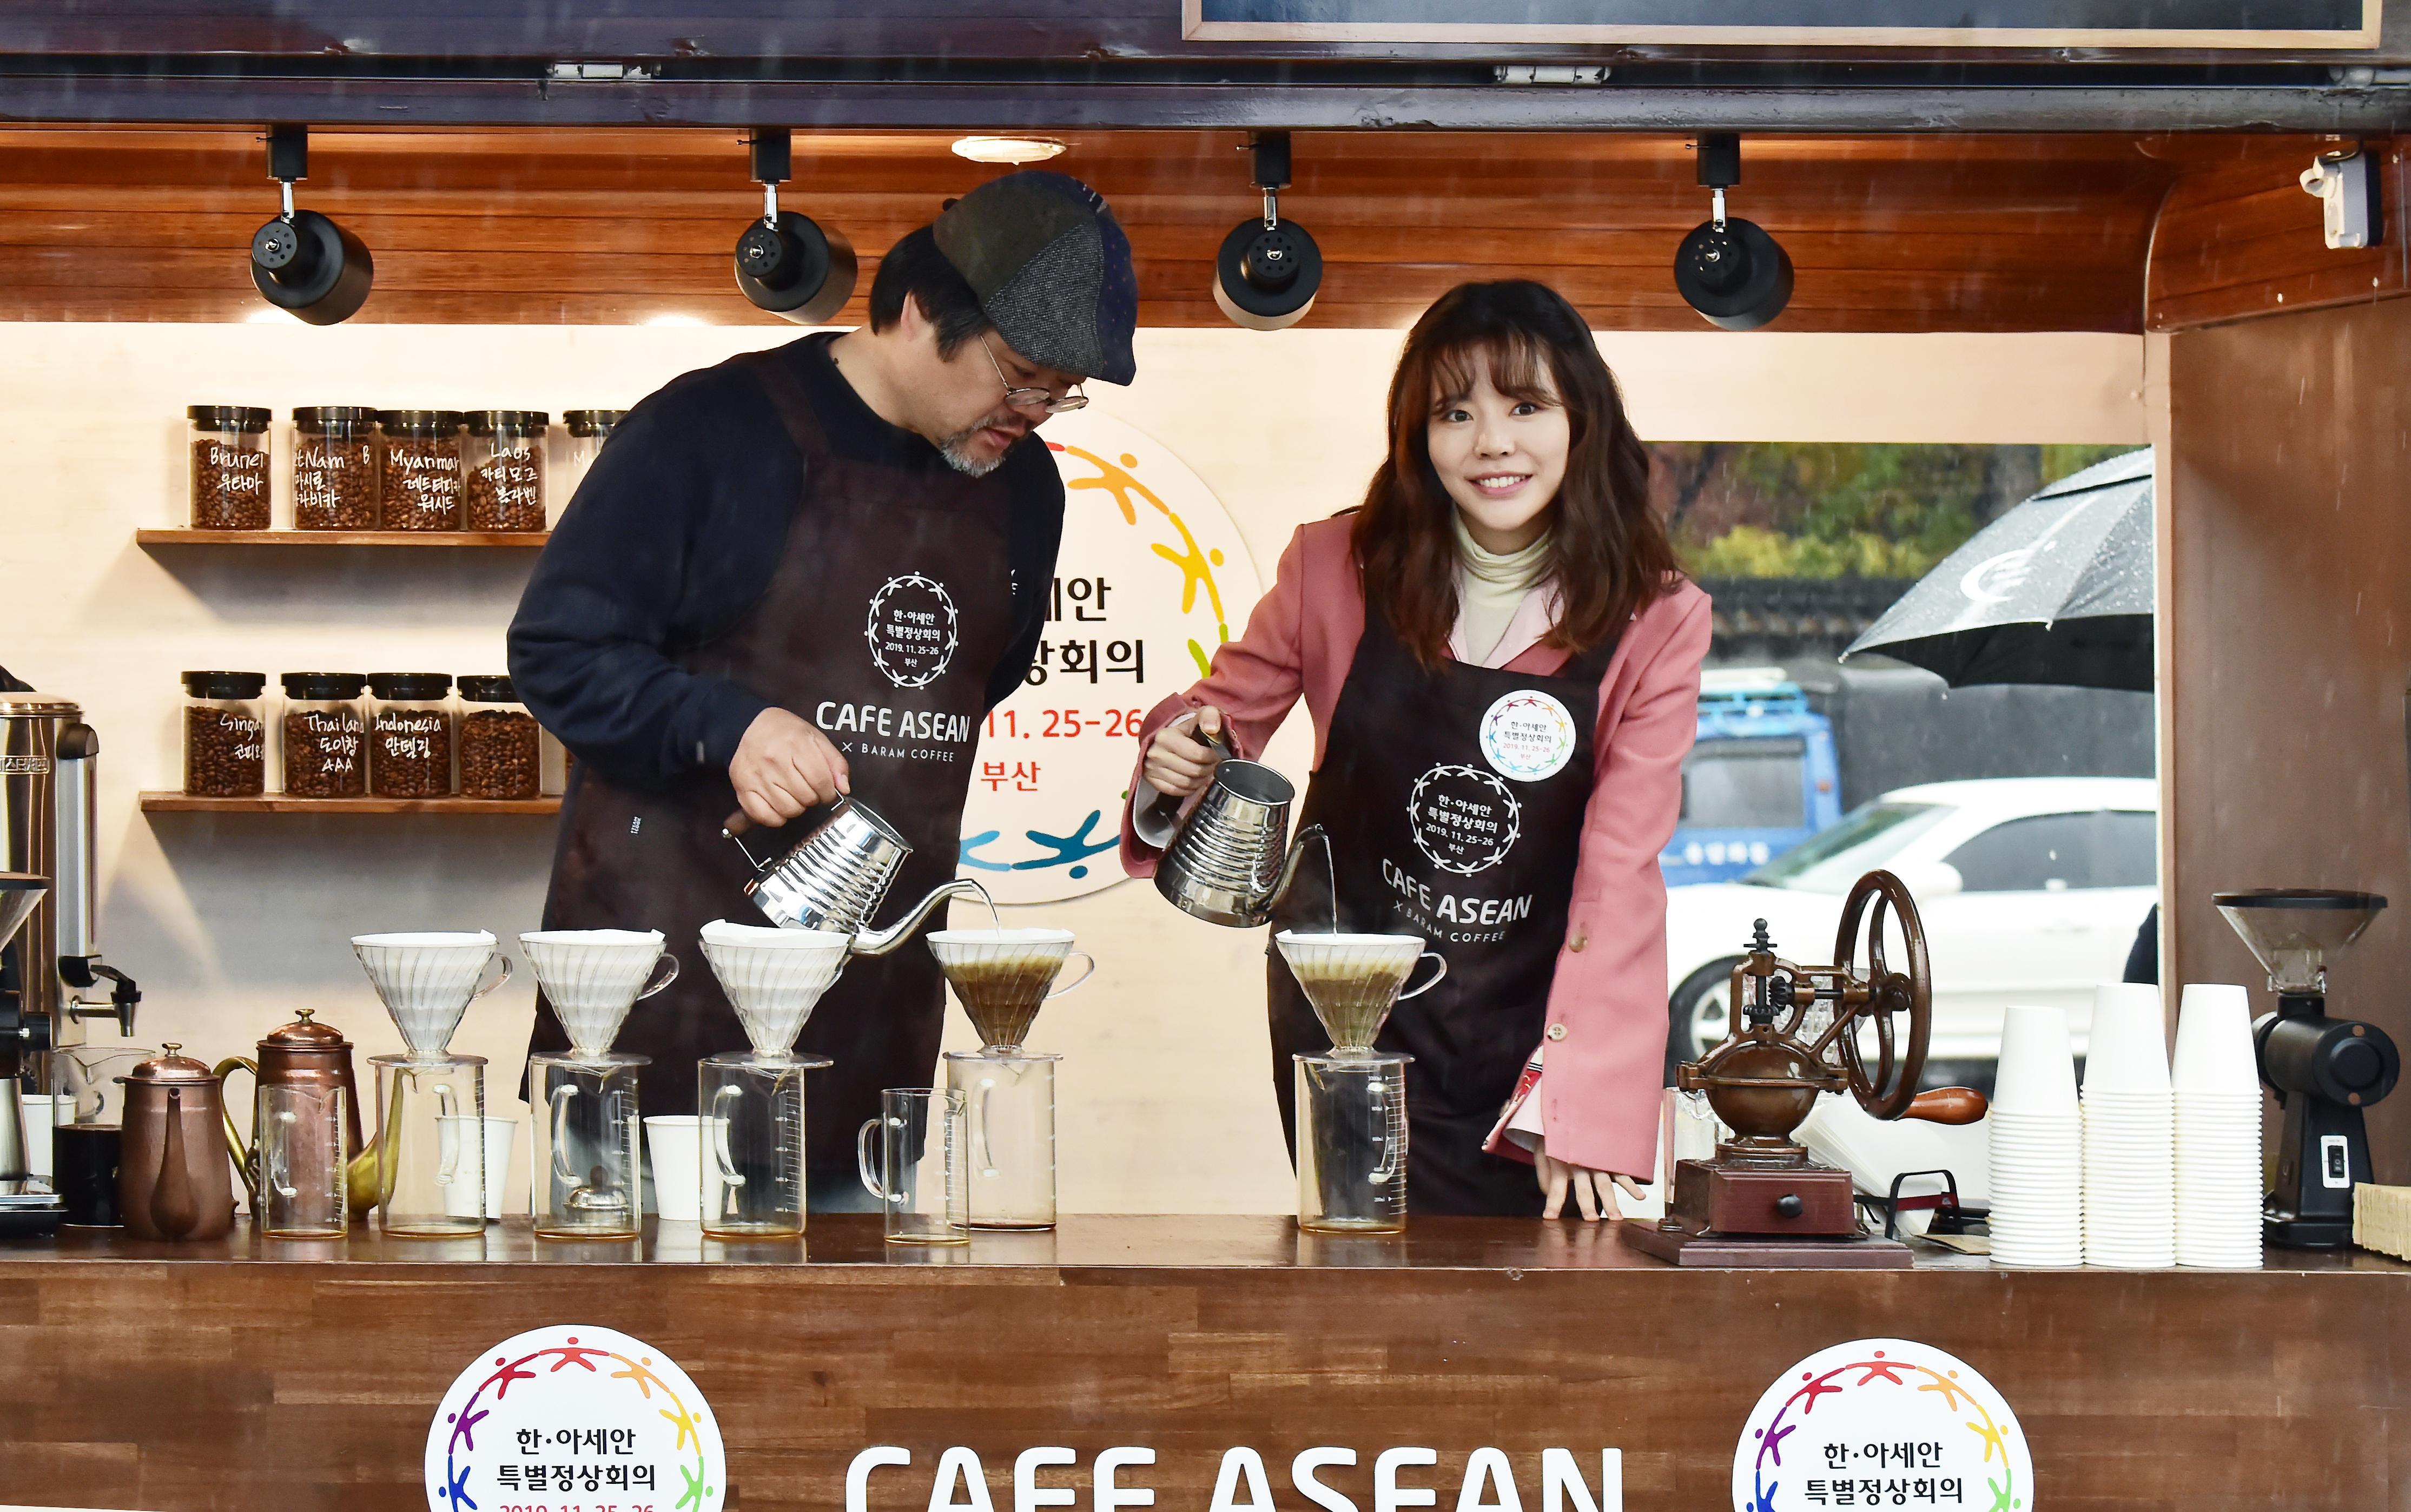 소녀시대 써니, 비오는 금요일, 향긋한 커피와 함께..